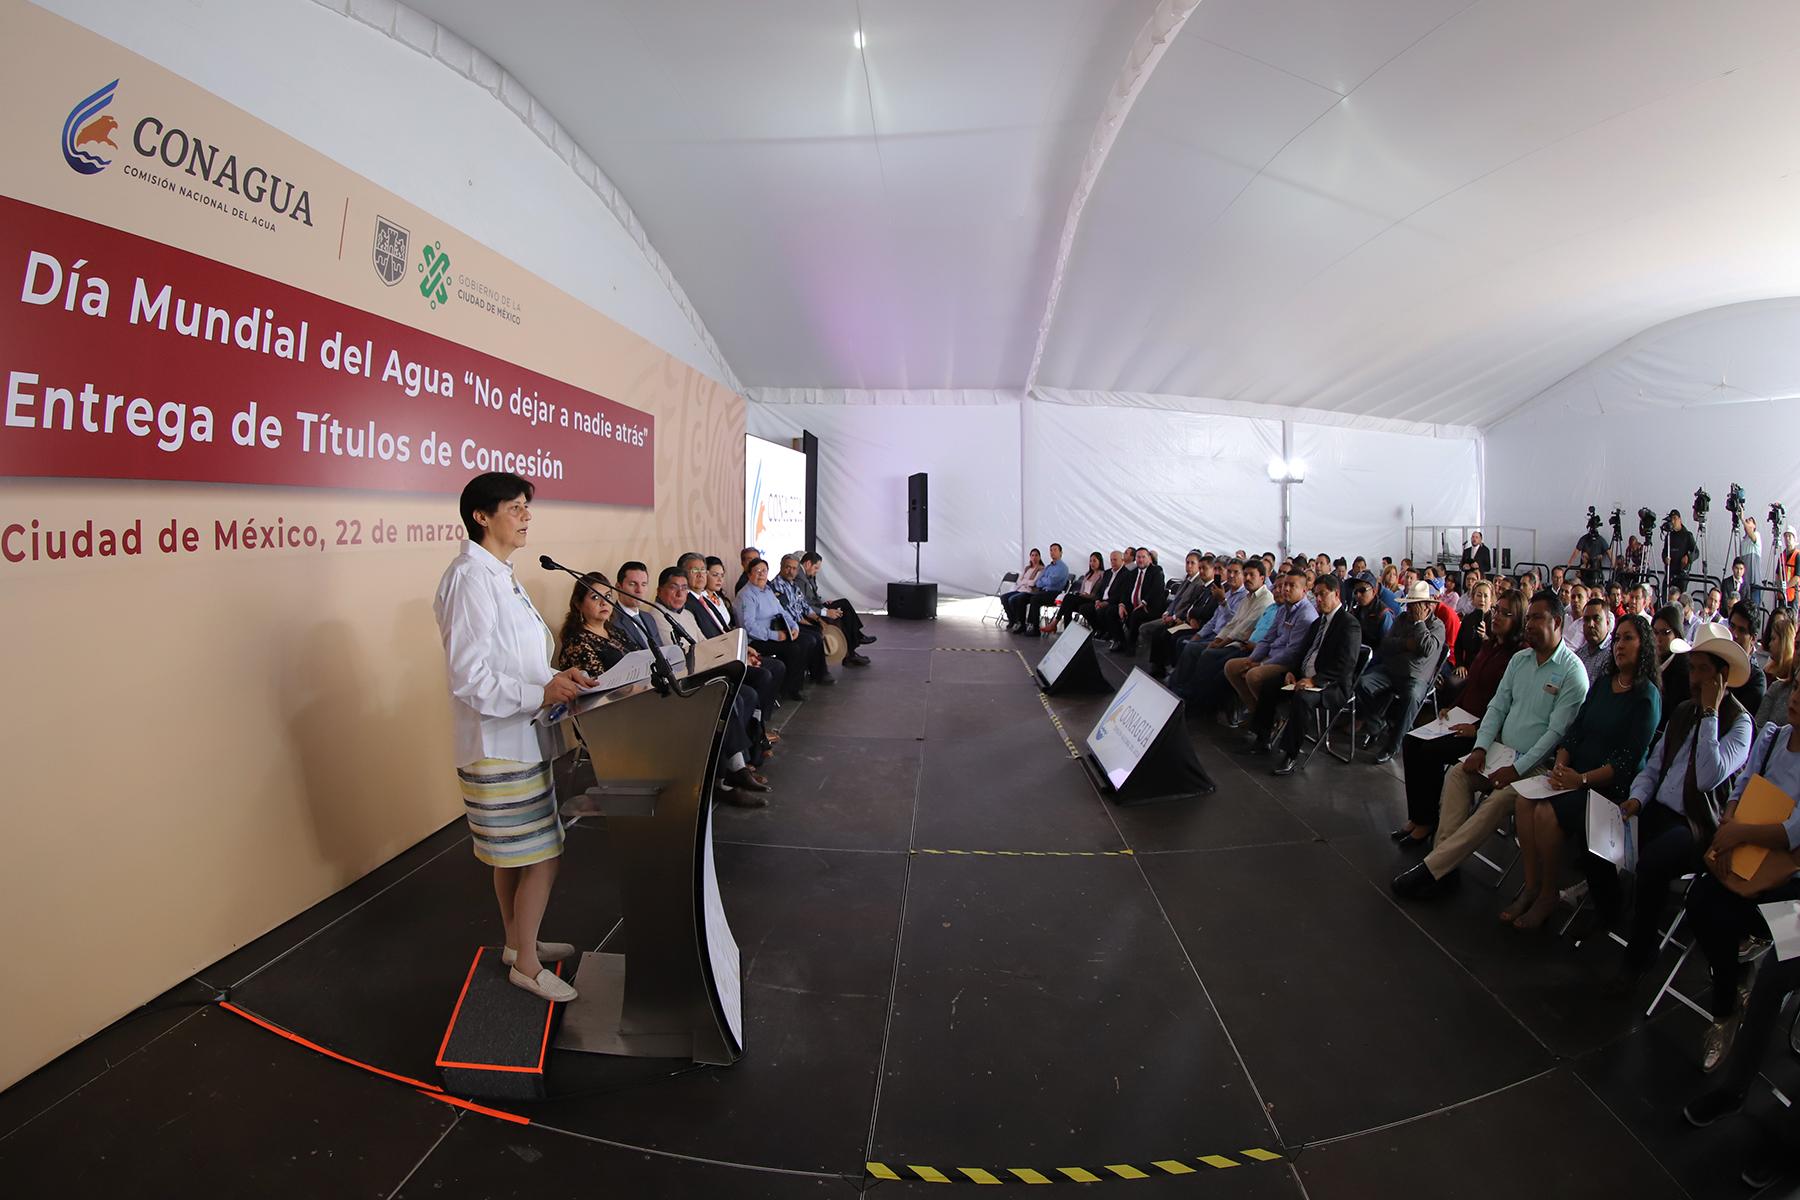 Como parte de la conmemoración del Día Mundial del Agua, la Conagua entrega títulos de concesión de las aguas nacionales de los usos agrícola, público urbano e industrial.